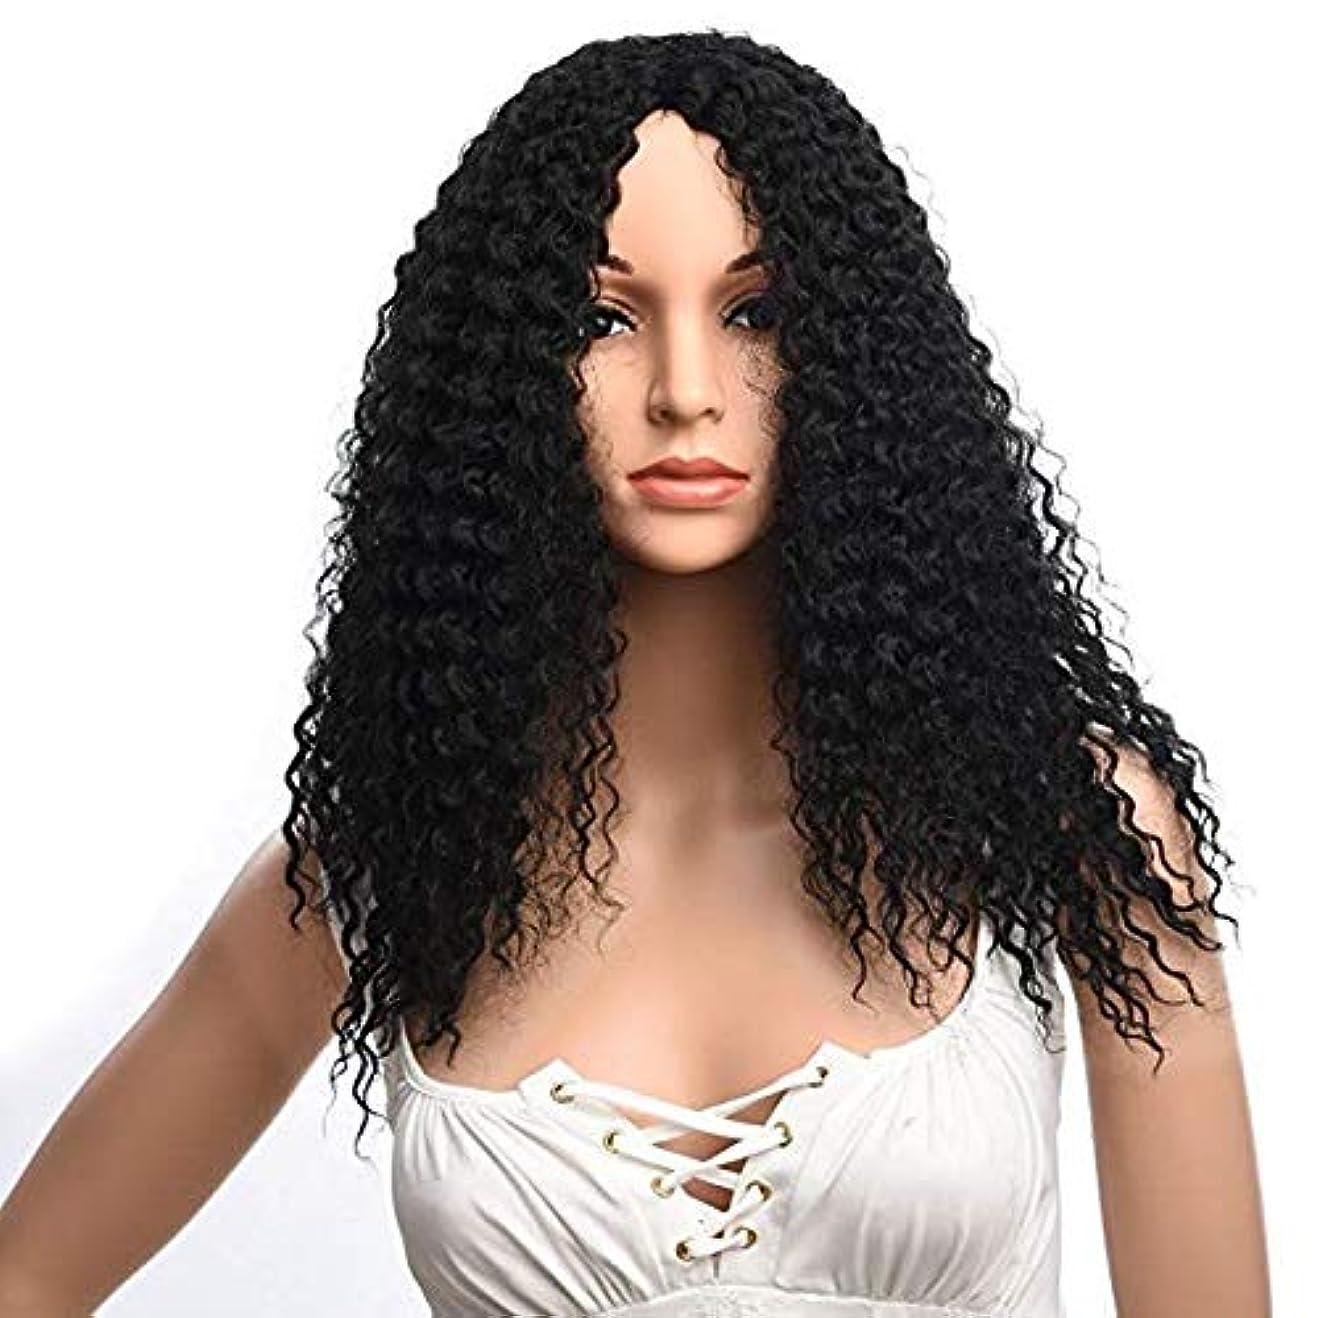 感心する一時停止避難する女性の肩短い髪ふわふわ高温シルクファッションかつら